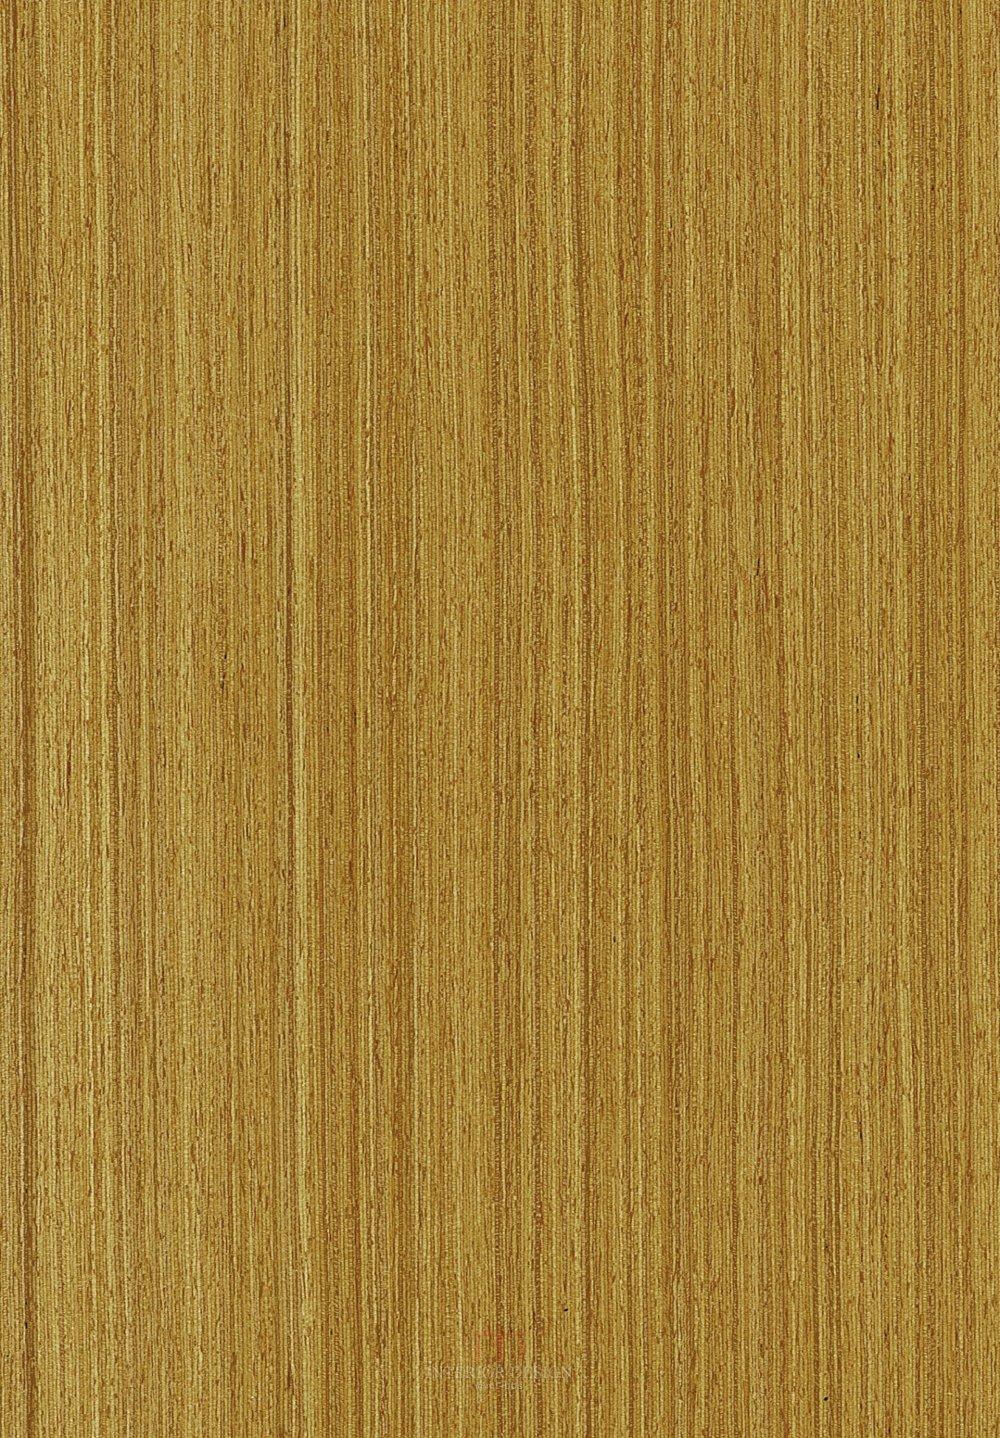 人造木纹_K6247_F0603.jpg